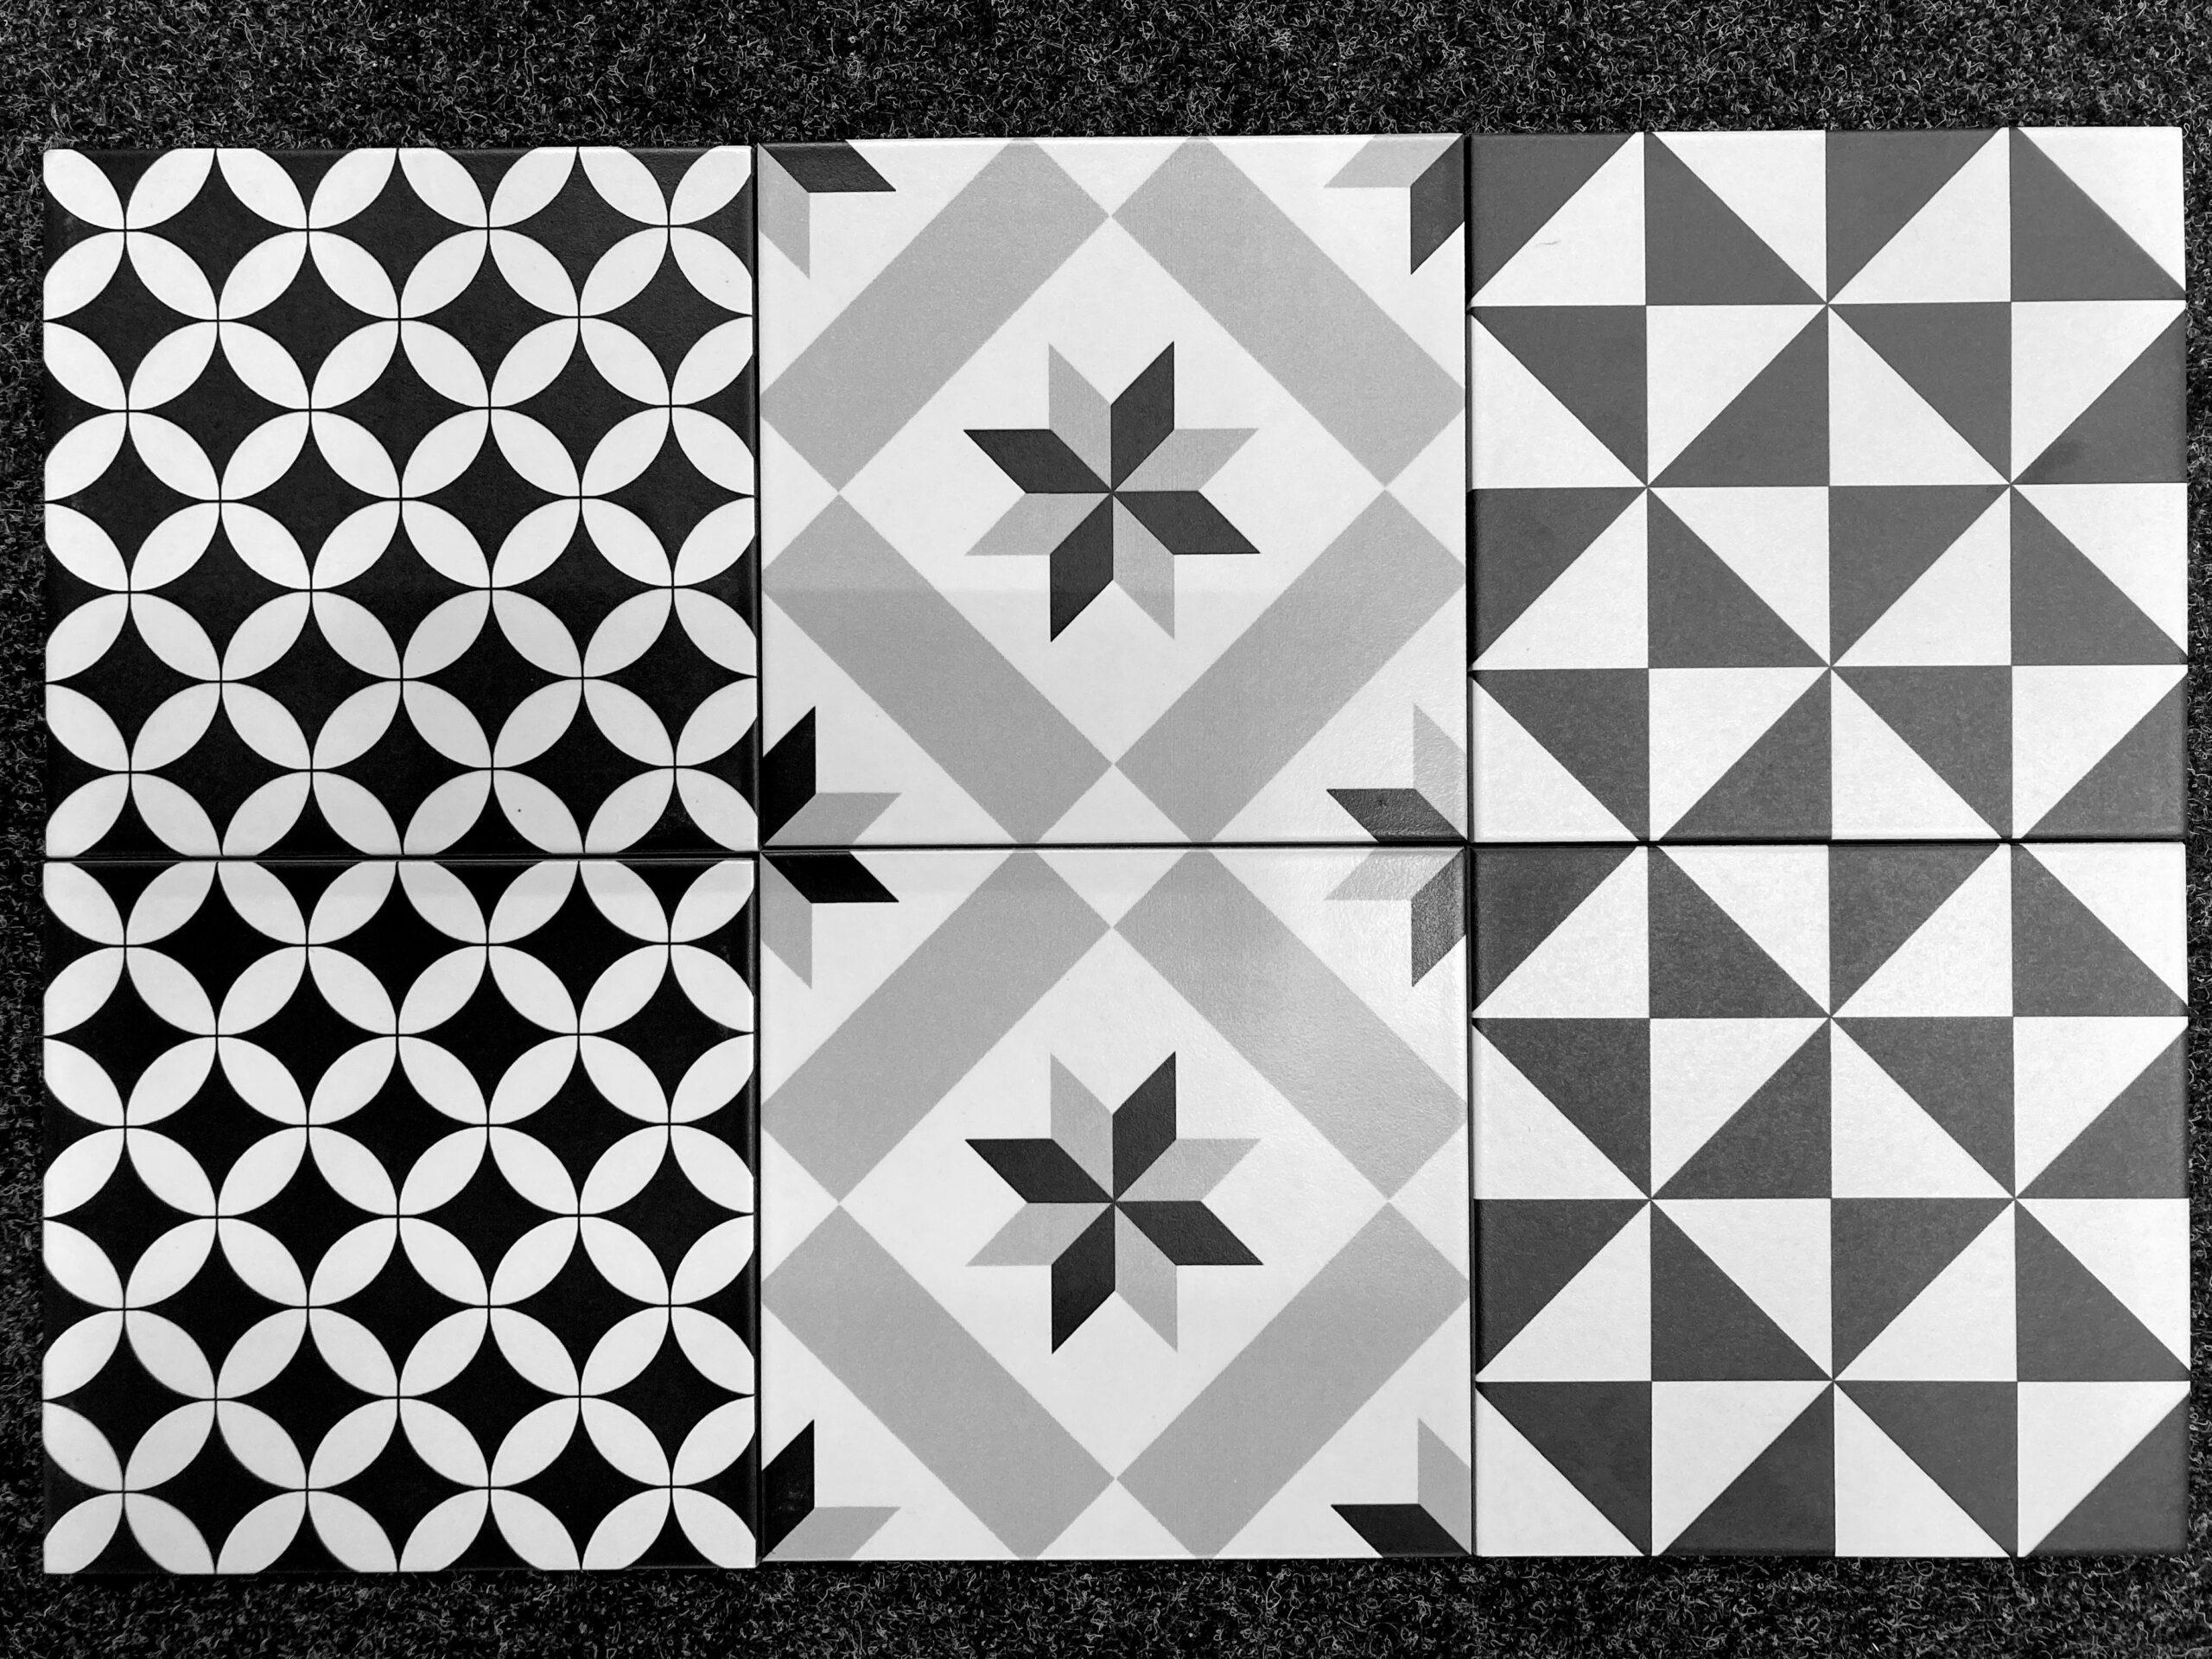 płytki patchwork czarno białe